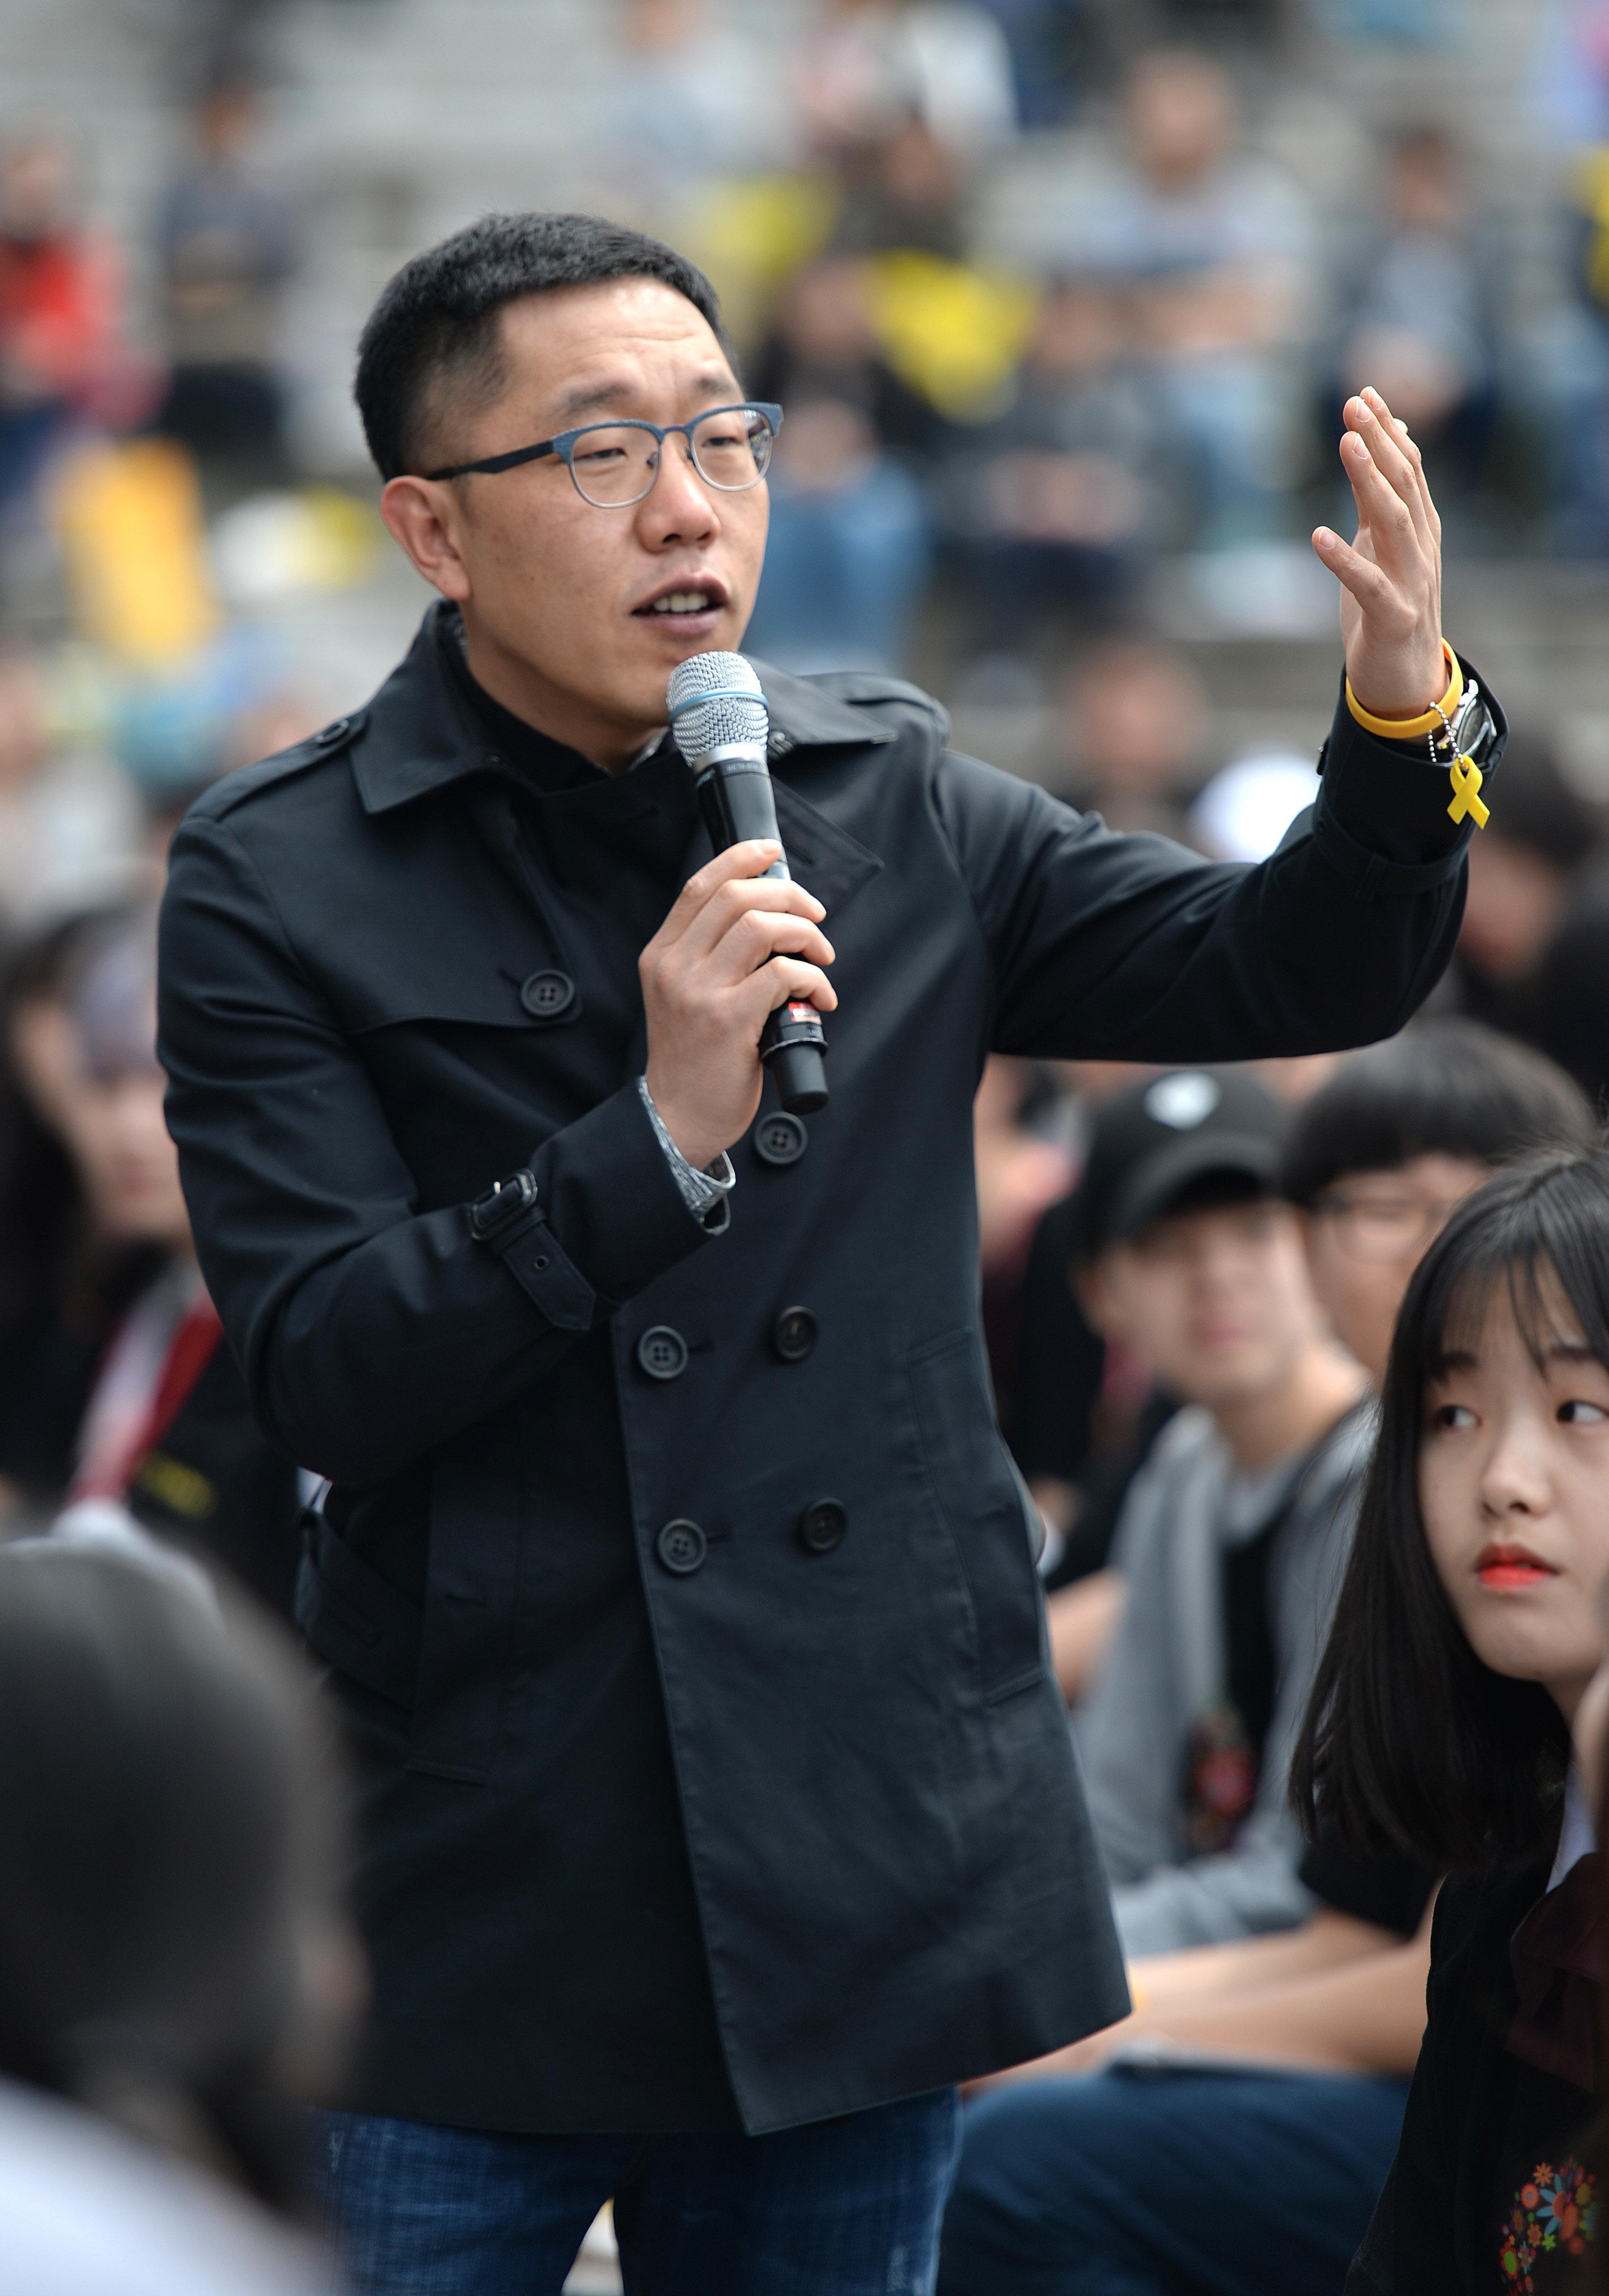 고액 출연료 논란에 대해 김제동이 입장을